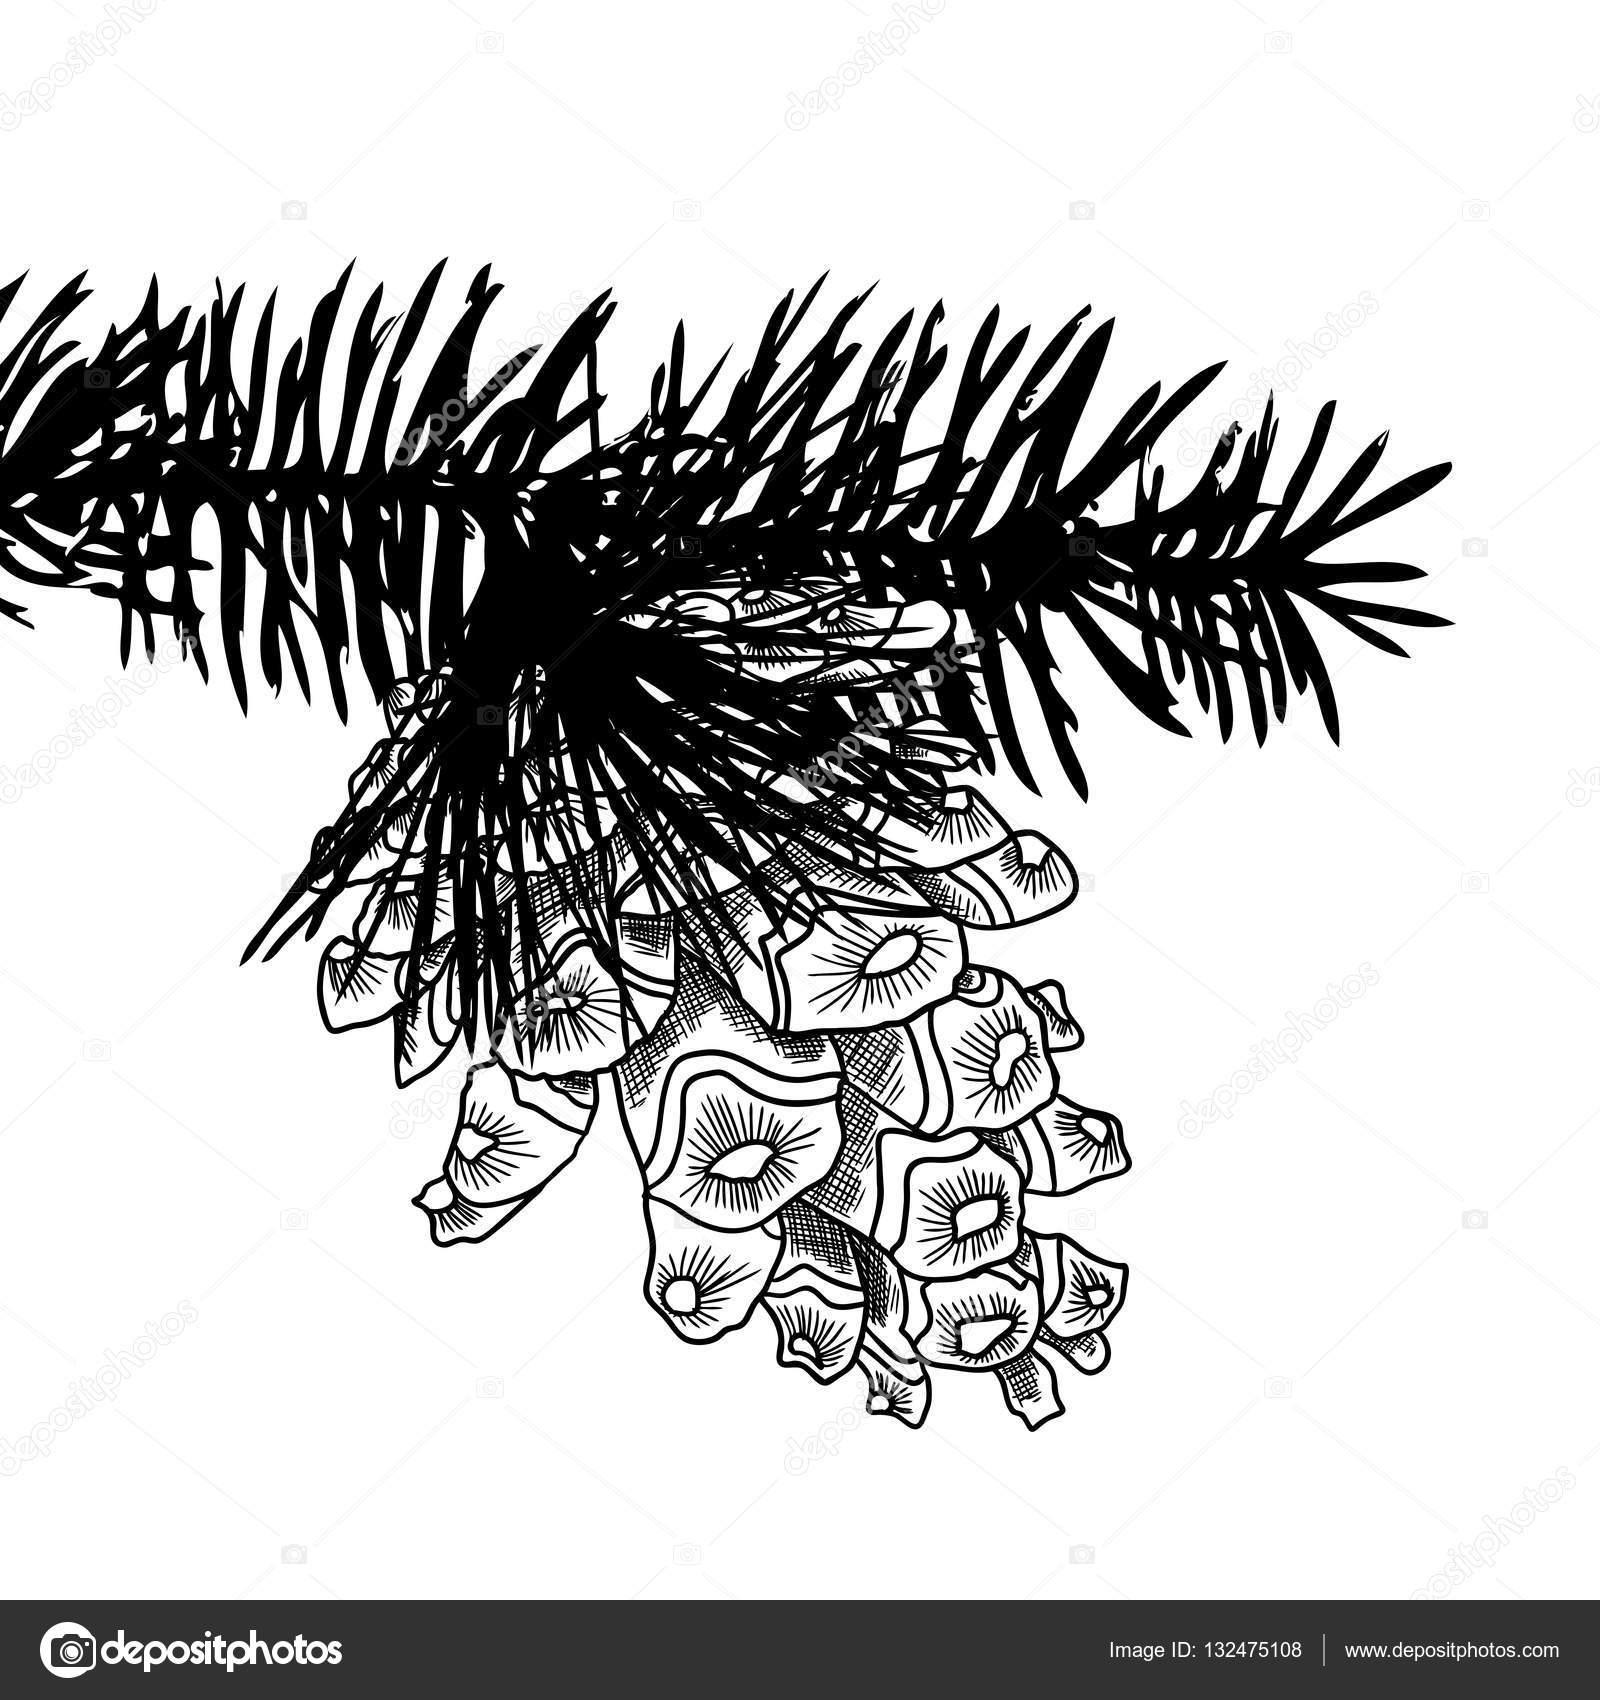 Cono de pino dibujo mano — Fotos de Stock © goldenshrimp #132475108